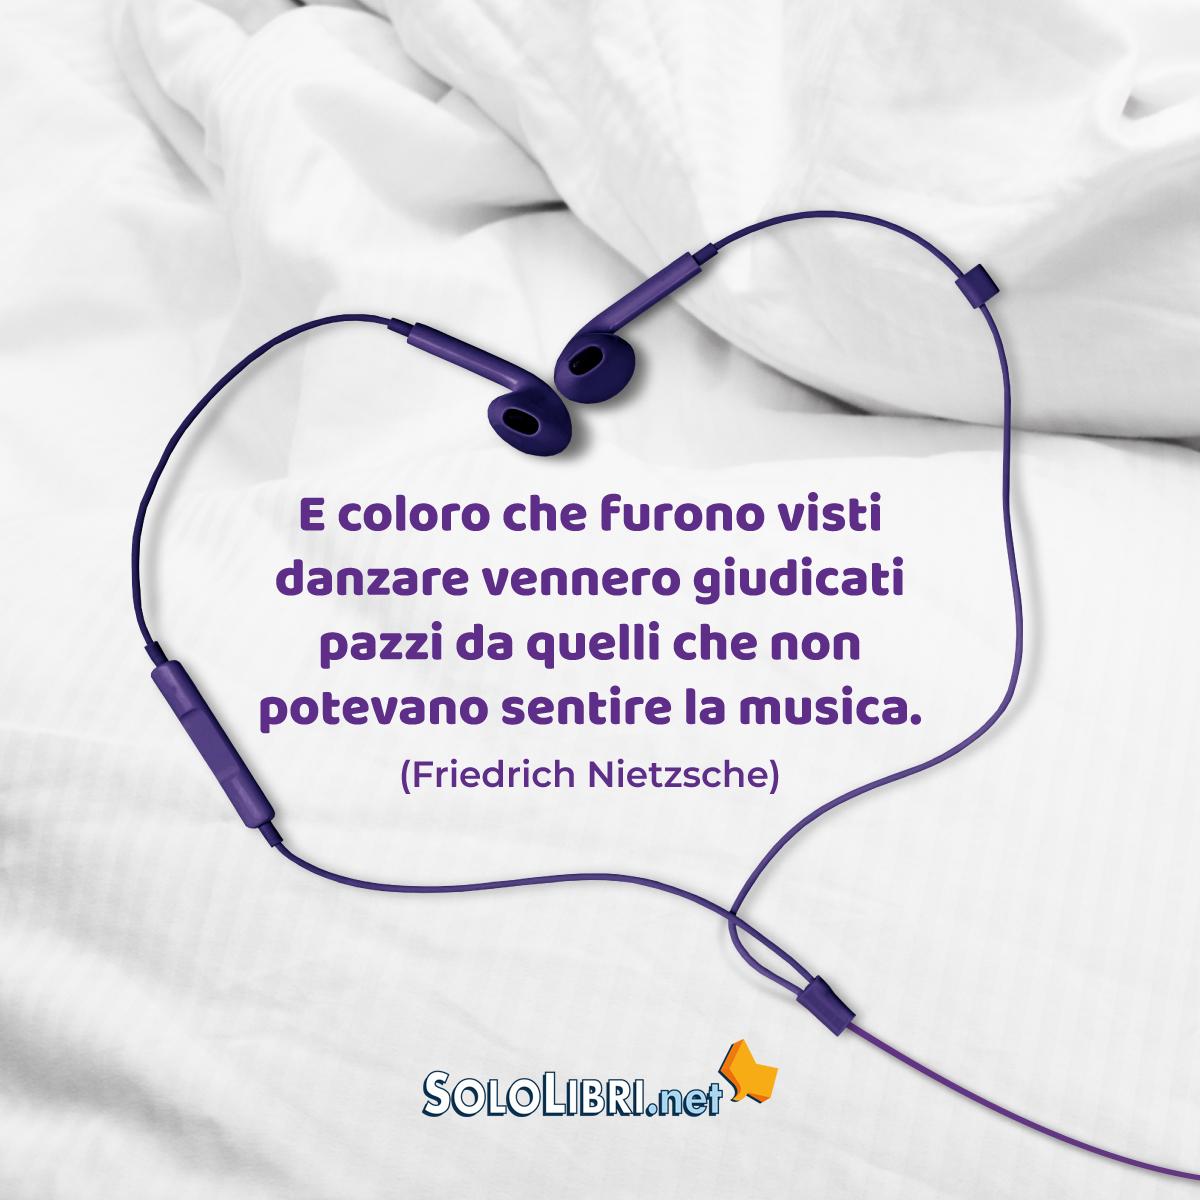 Aforismi sulla musica: le frasi e le citazioni più belle